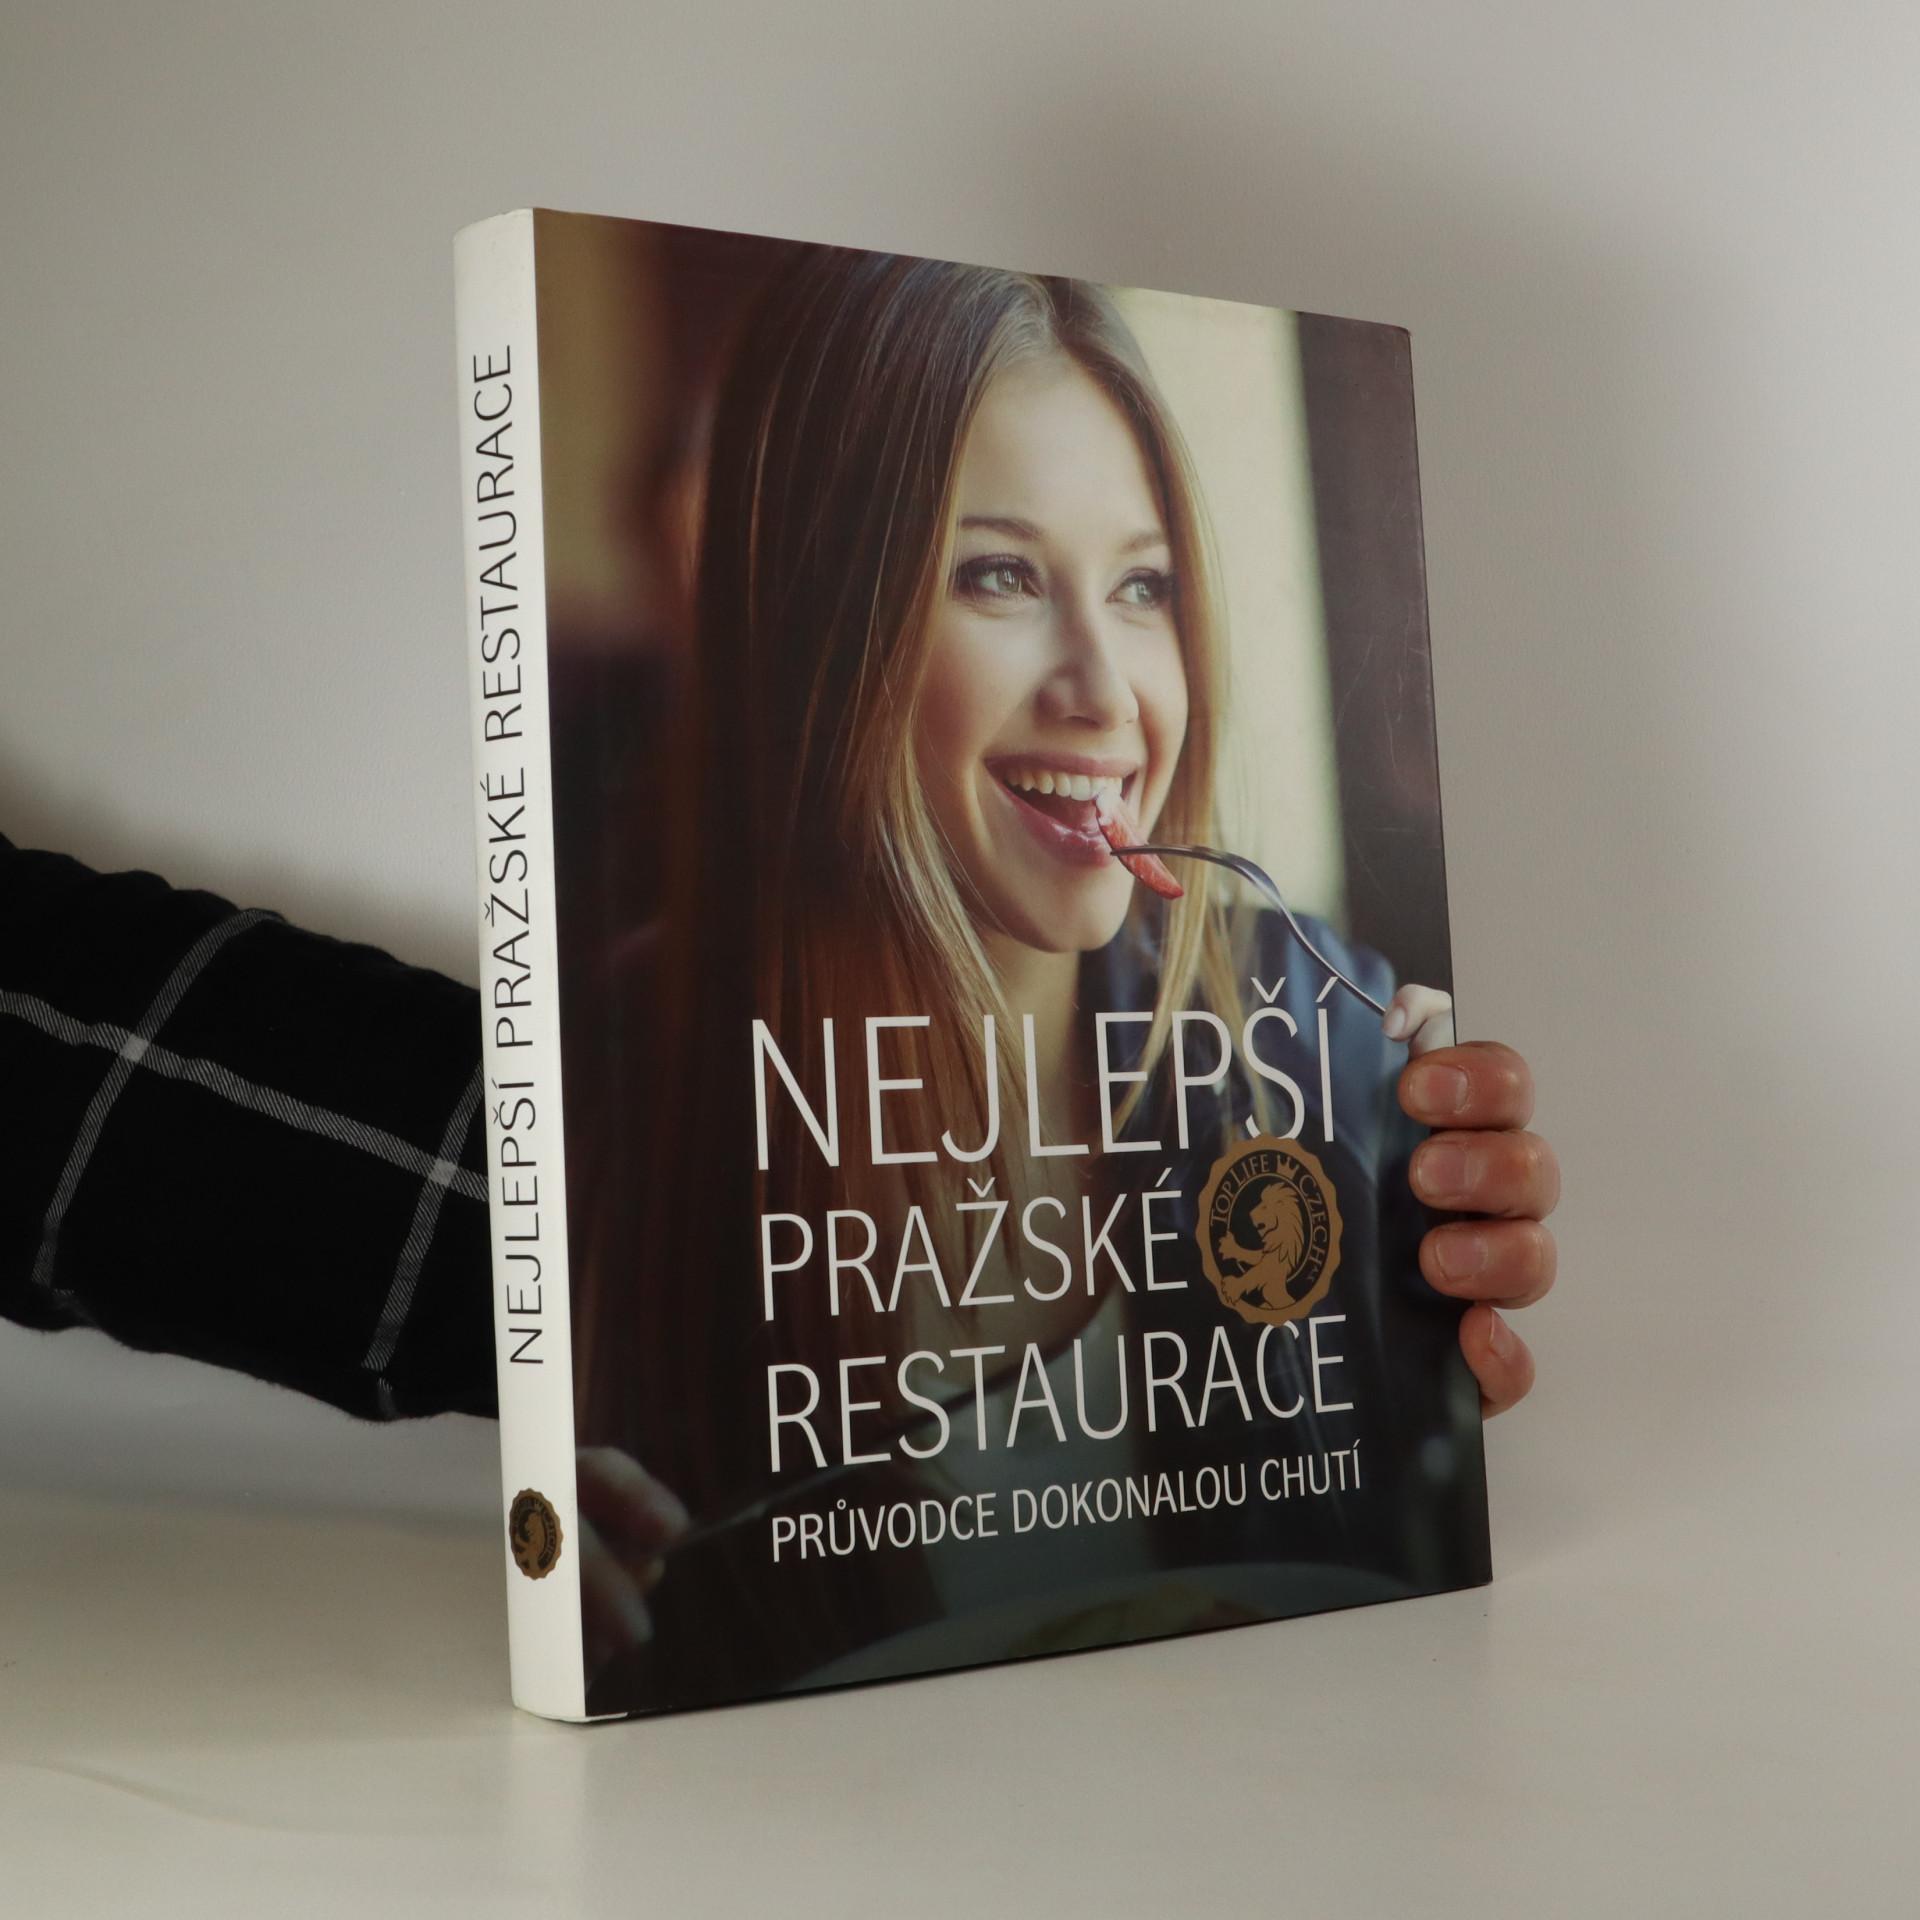 antikvární kniha Nejlepší pražské restaurace. Původce dokonalou chutí, 2014